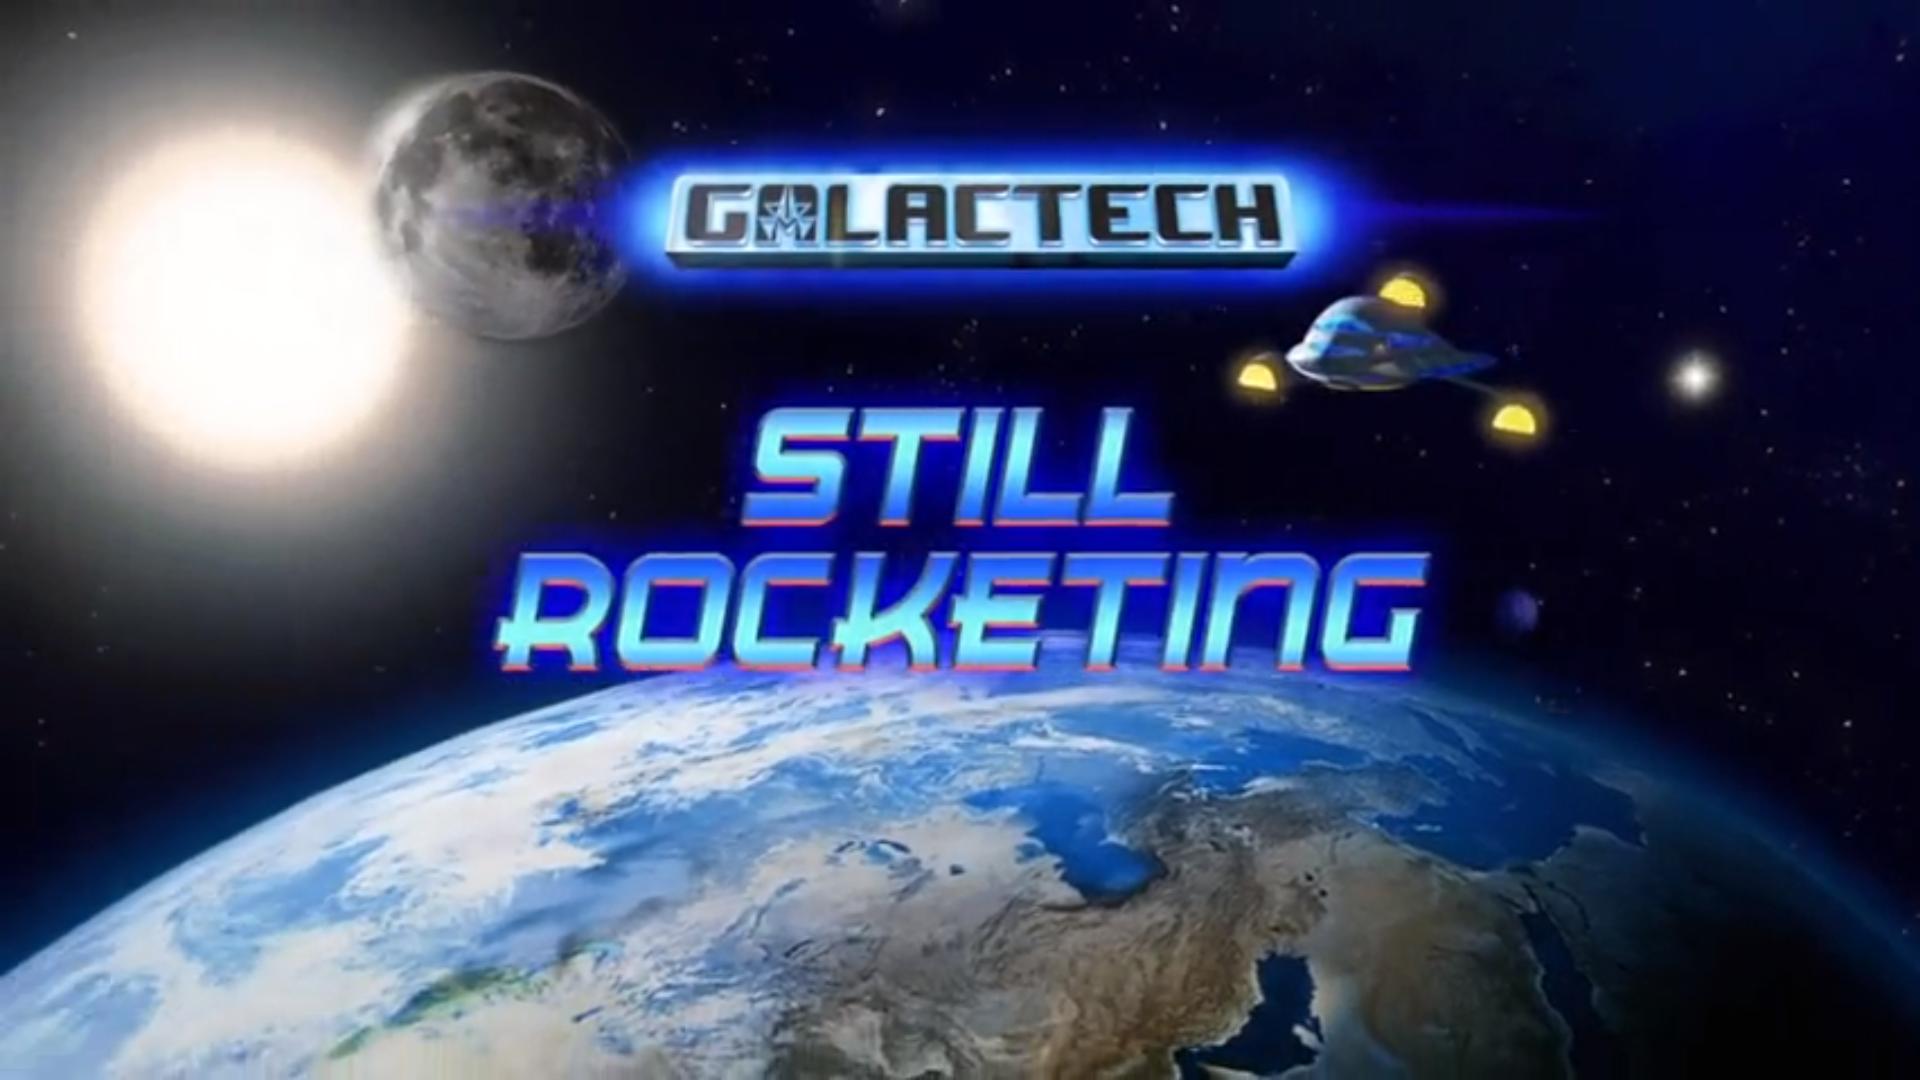 Galactech: Still Rocketing